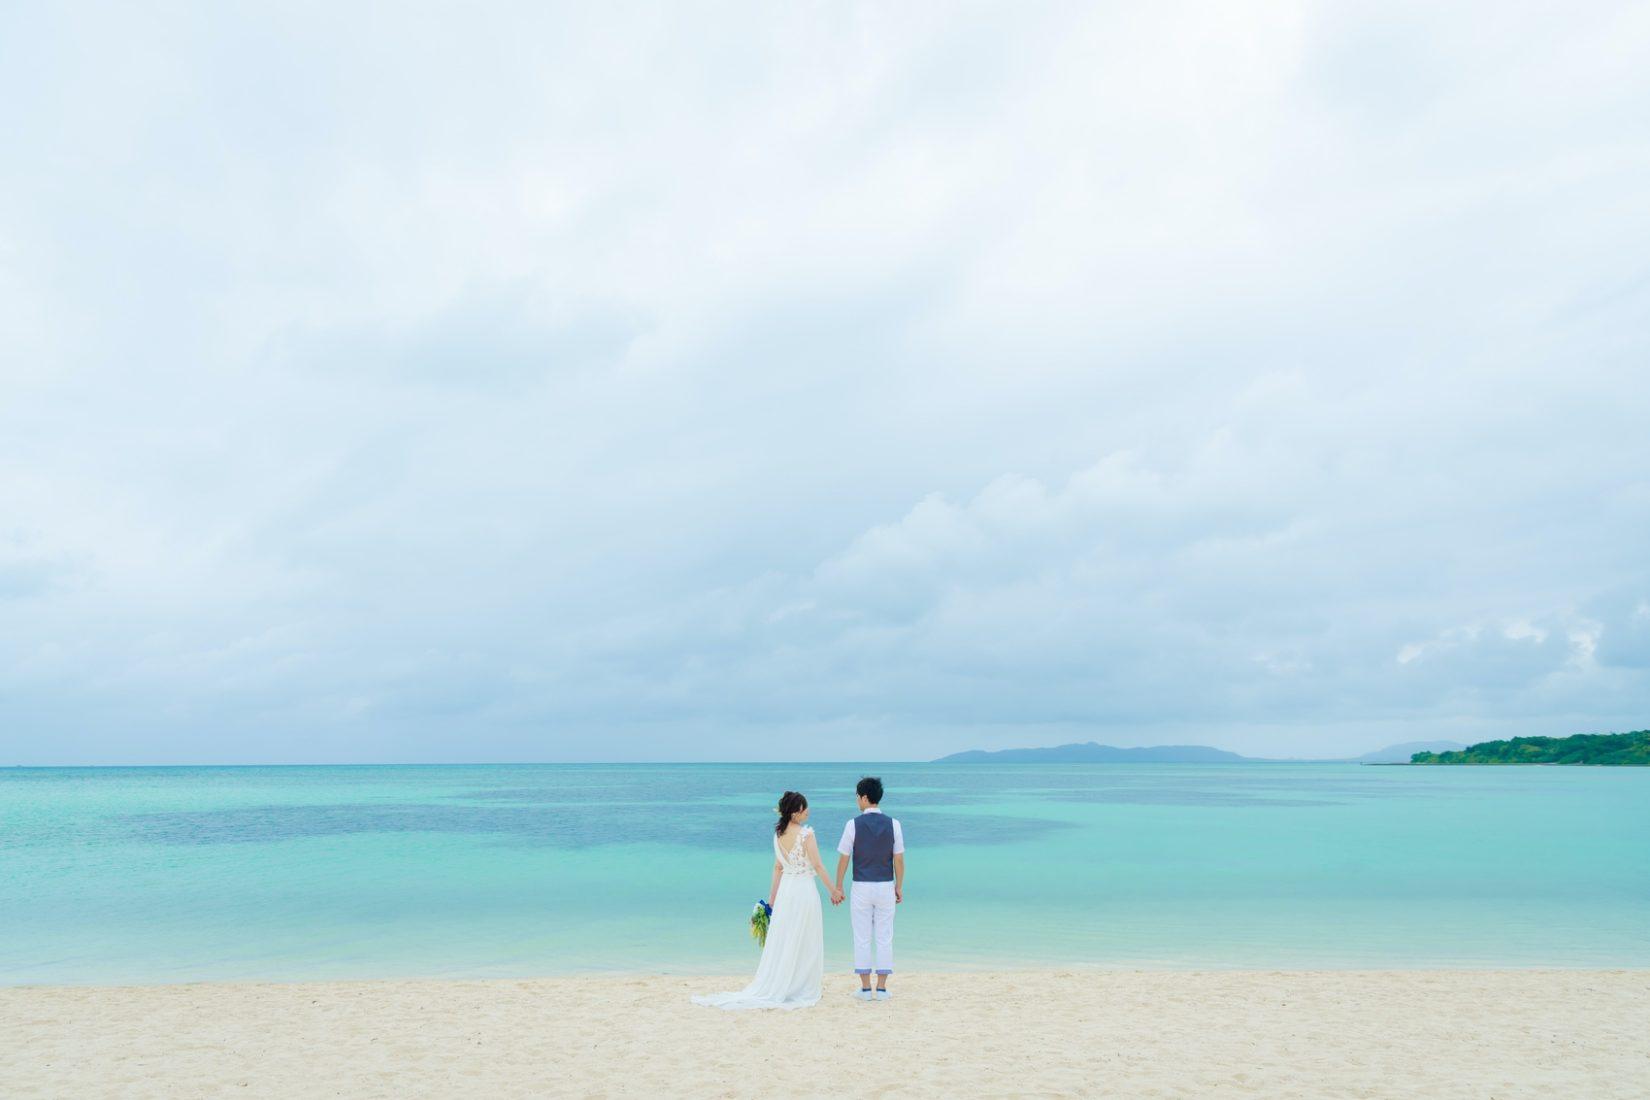 【レポ#21】挙式を控えたT様&M様の前撮りフォト@竹富島